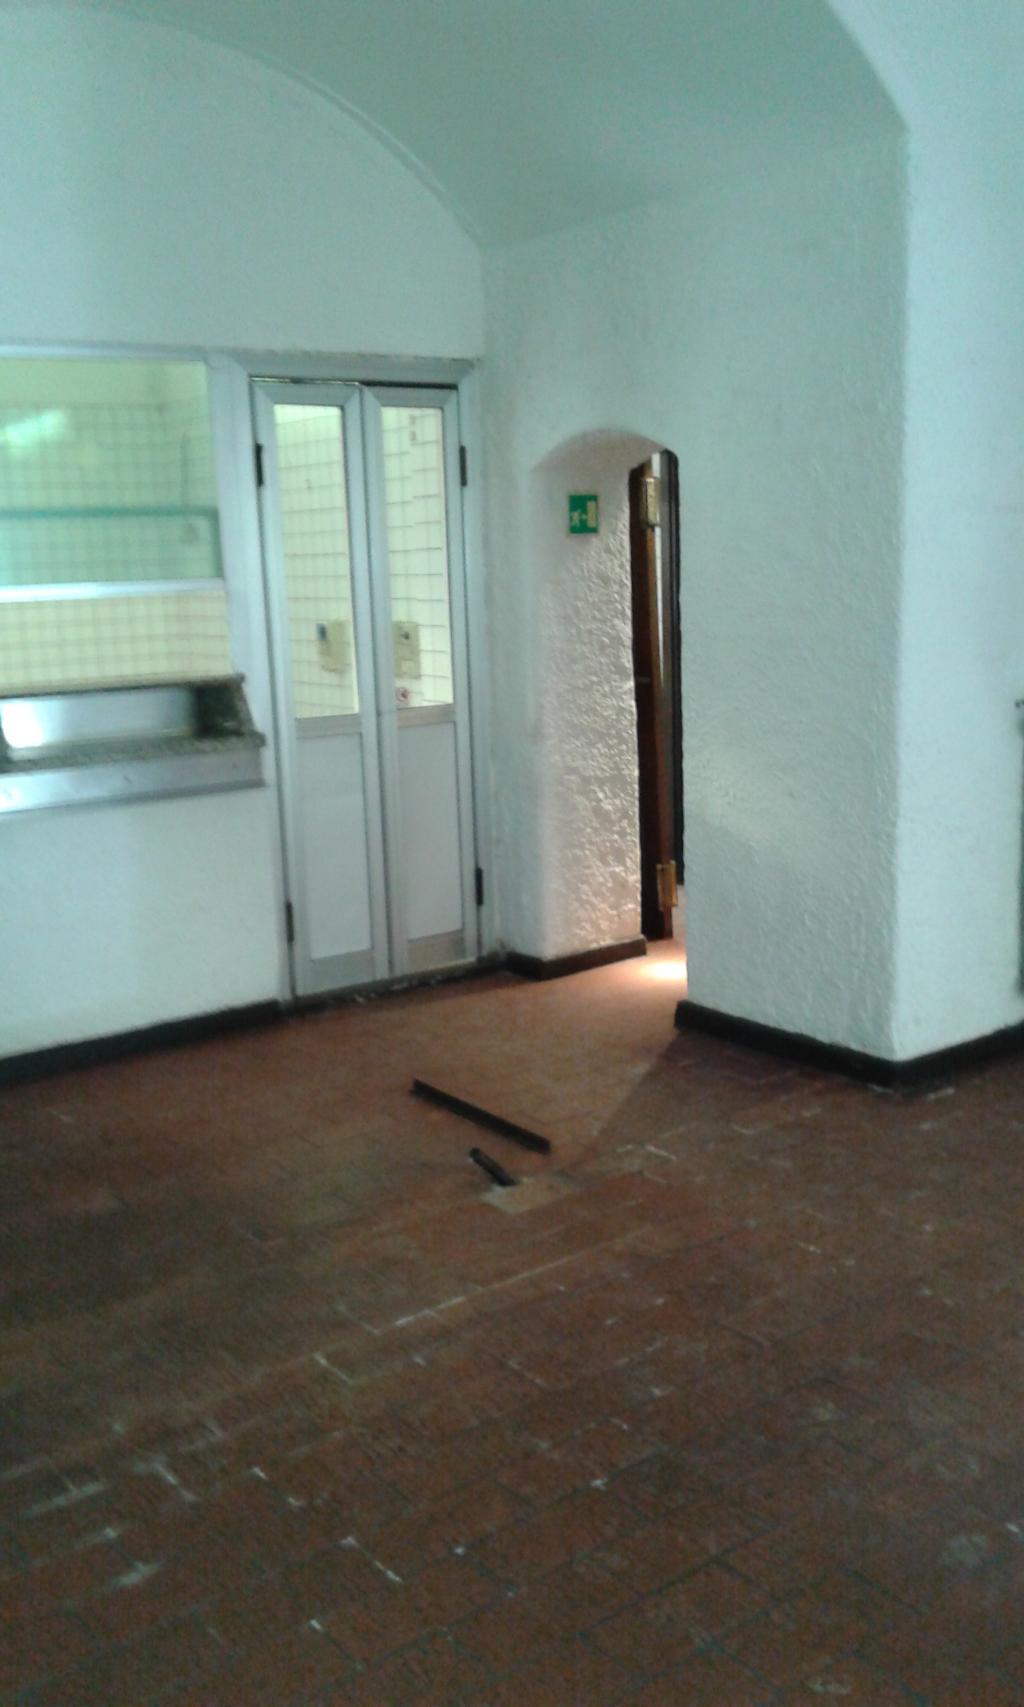 Negozio / Locale in affitto a Milano, 9999 locali, zona Località: PortaVigentina, prezzo € 3.000   Cambio Casa.it